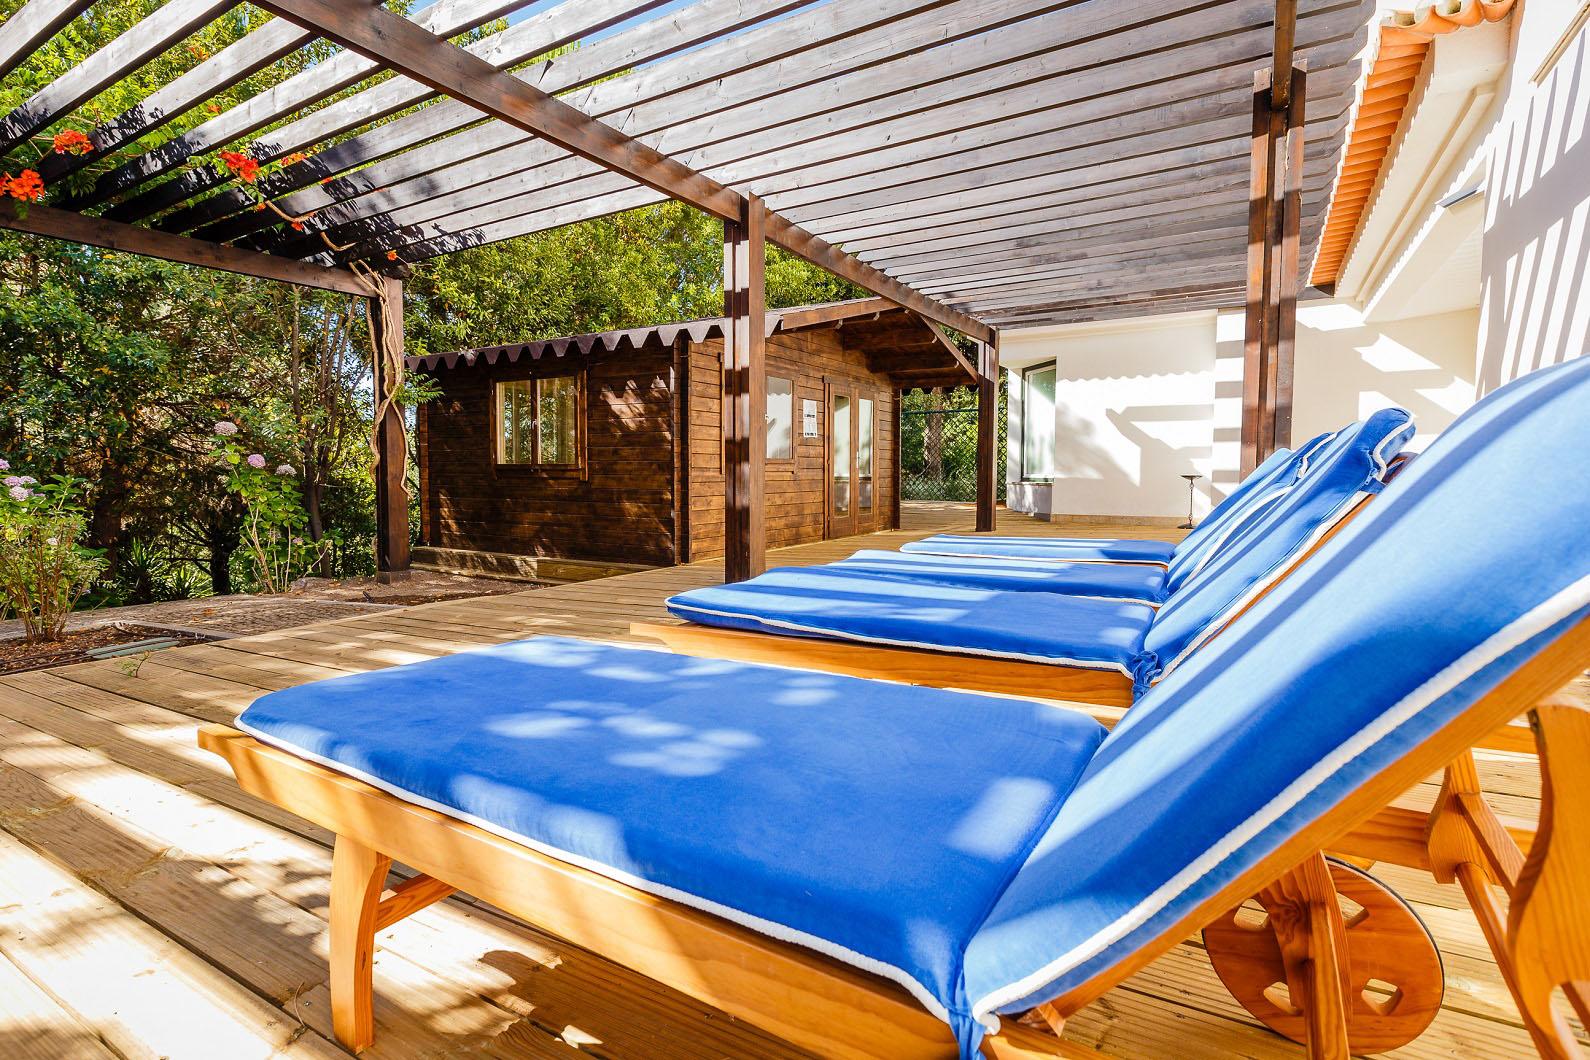 Ô Hotel Fonte Santa  com meeting package para executivos de topo